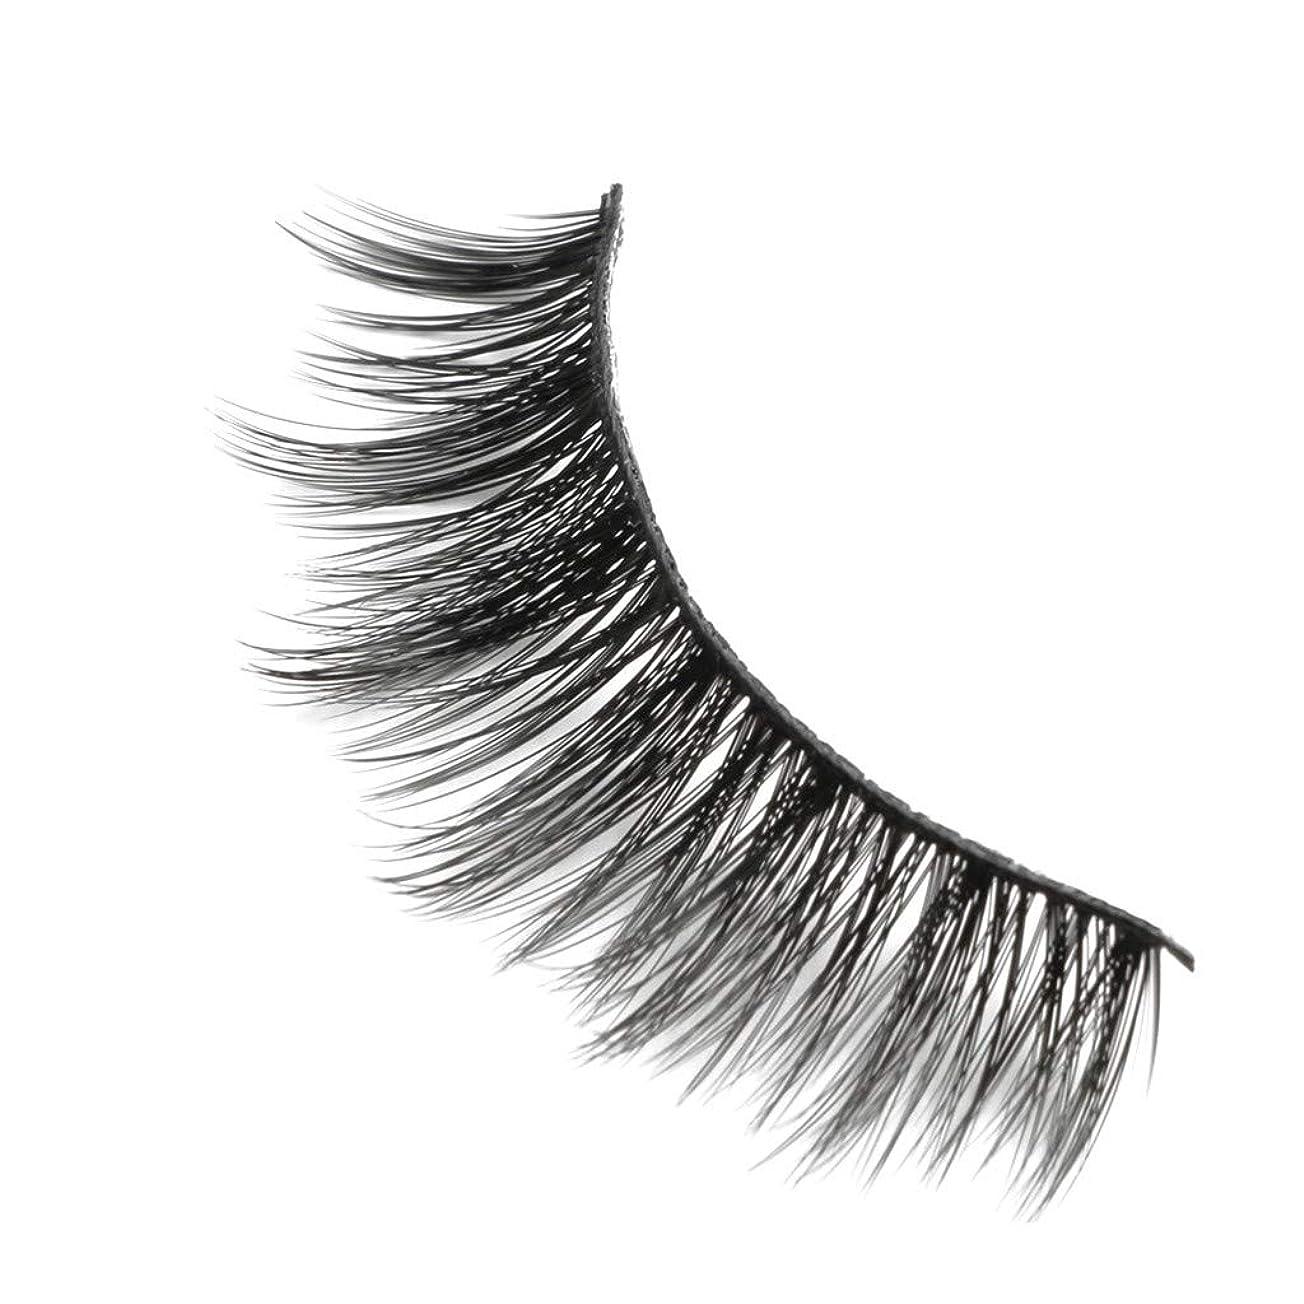 なめらかな意気揚々ベースPosmant 10ペア 新製品 人気 ロータスプレート 3D ミンクの髪 つけまつげ 睫毛 化粧品 美しさ 眼 つけまつげ ファッション レディースファッション プラスチック ブラック テリア 長続きがする化粧 防水 魅力的な 柔らかい髪 長いまつげ